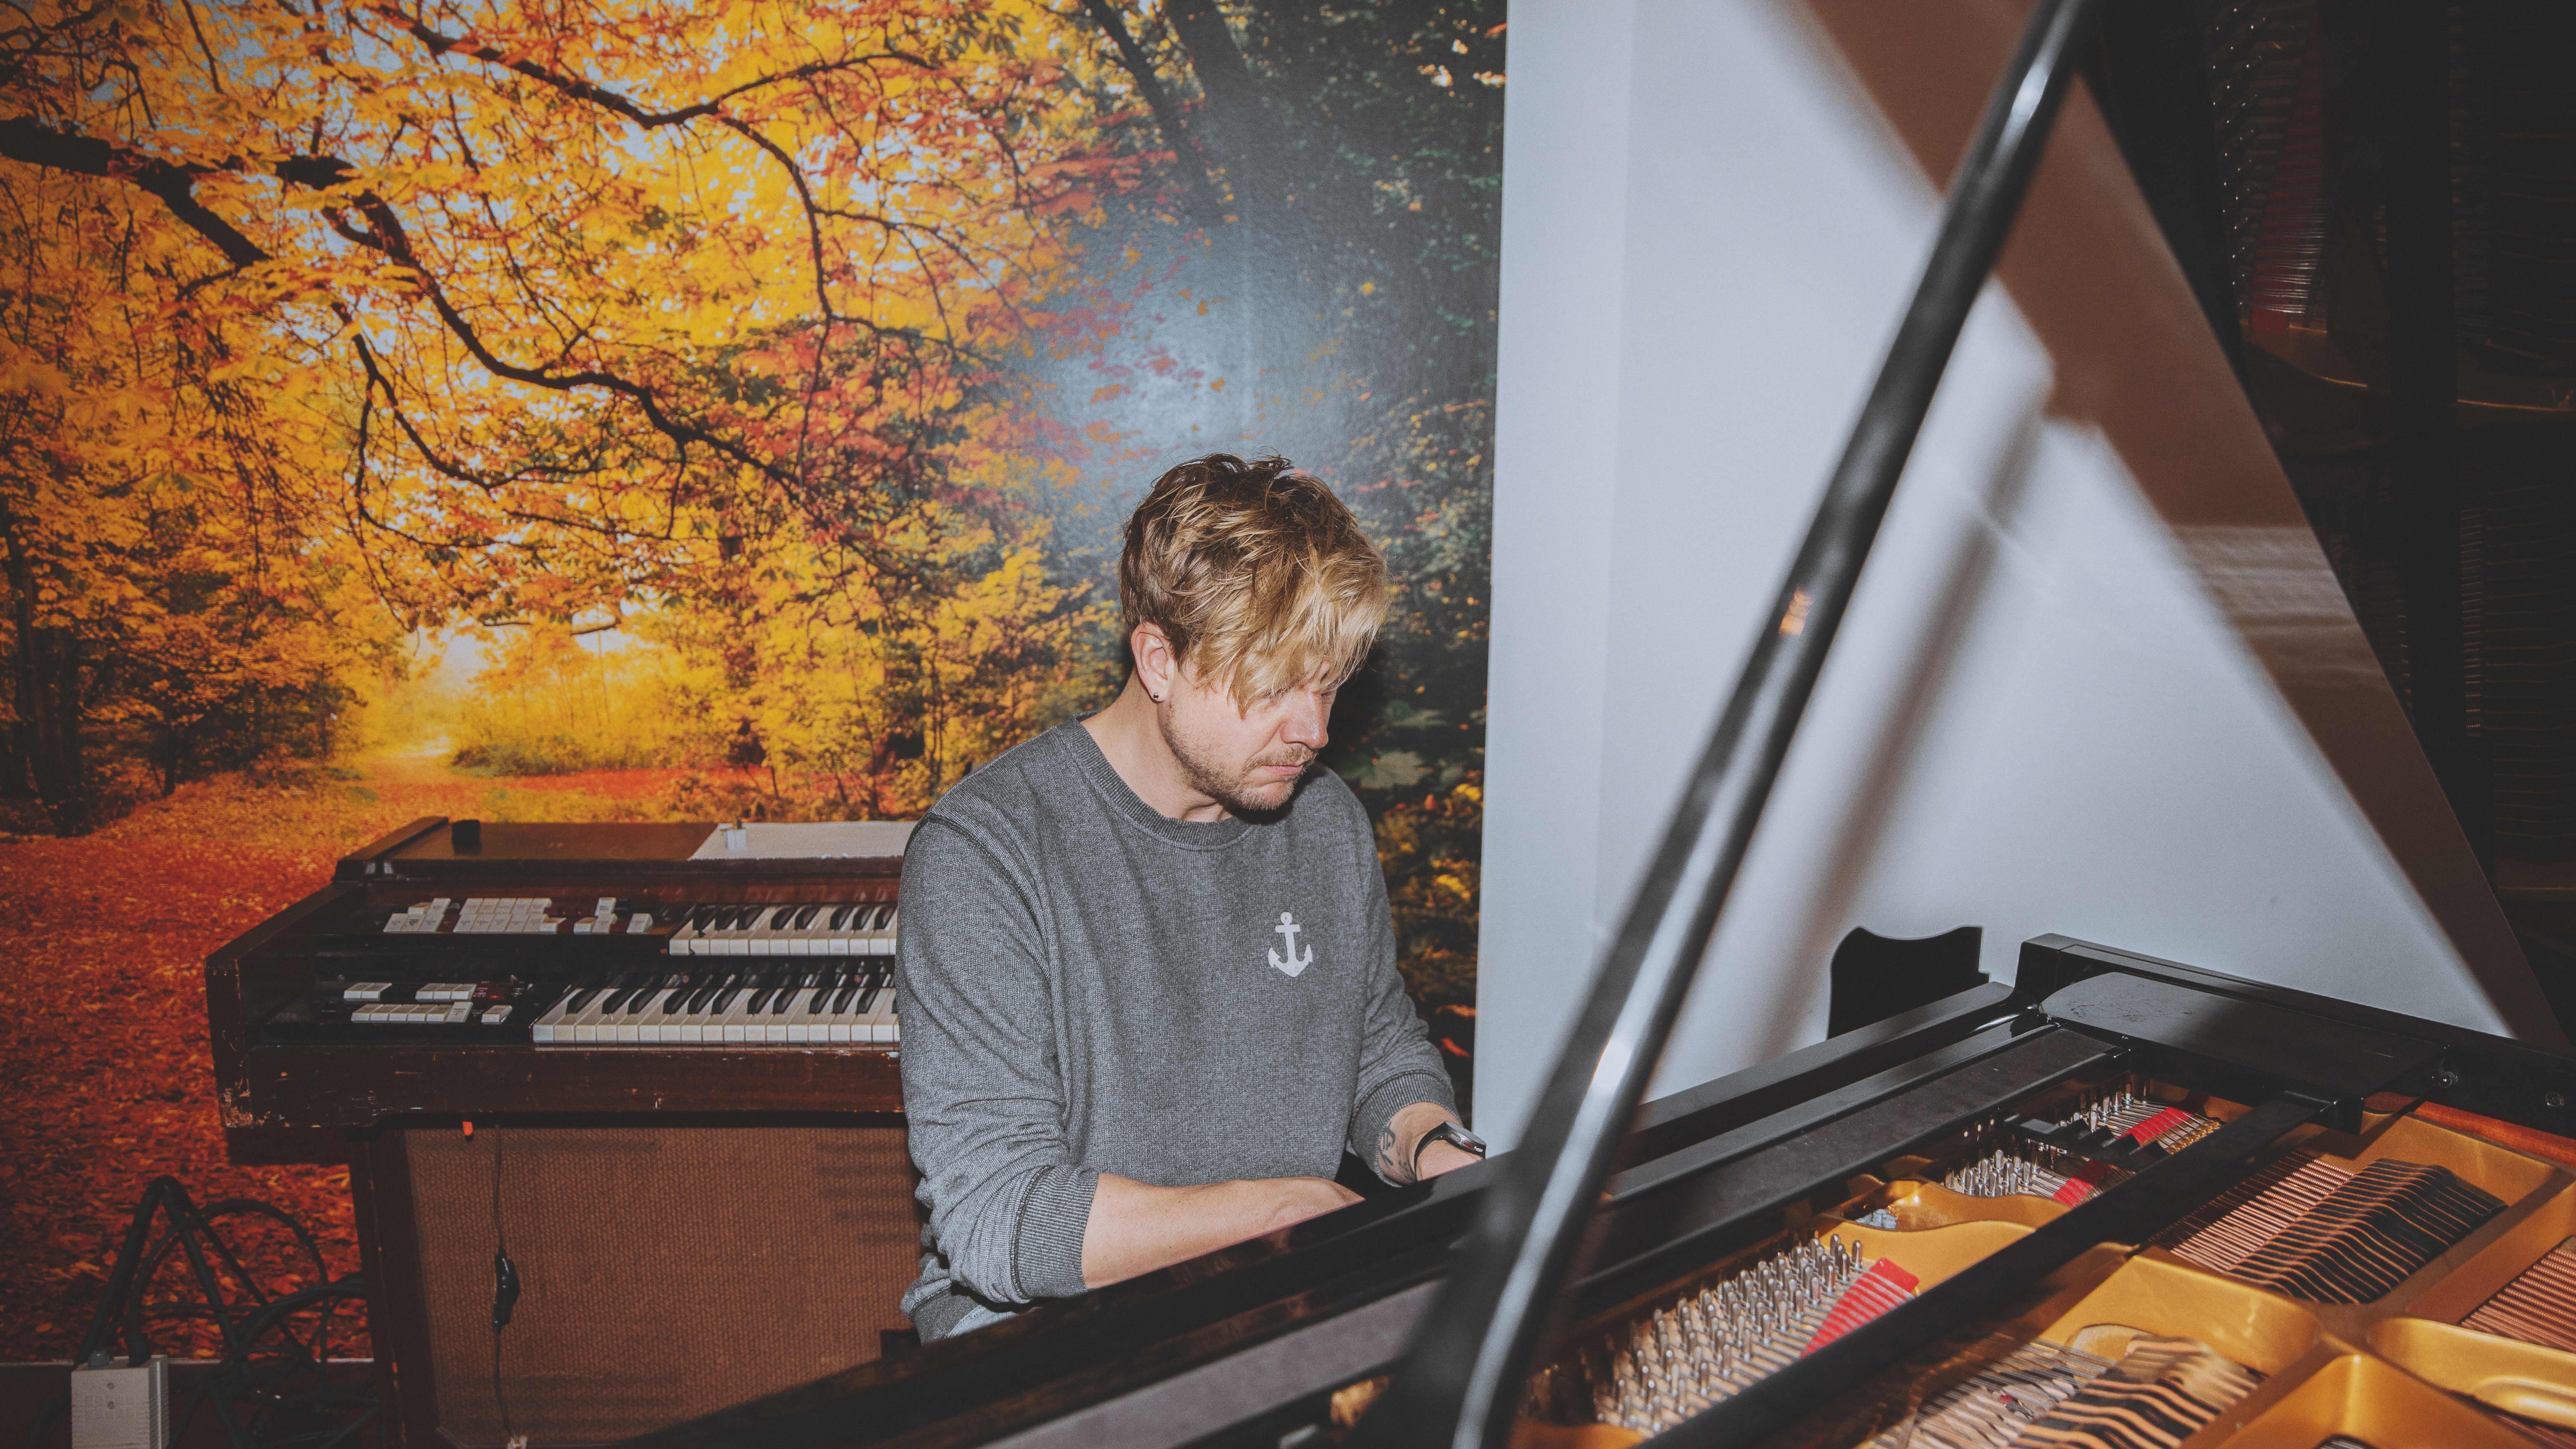 Samu Haber pianon ääressä